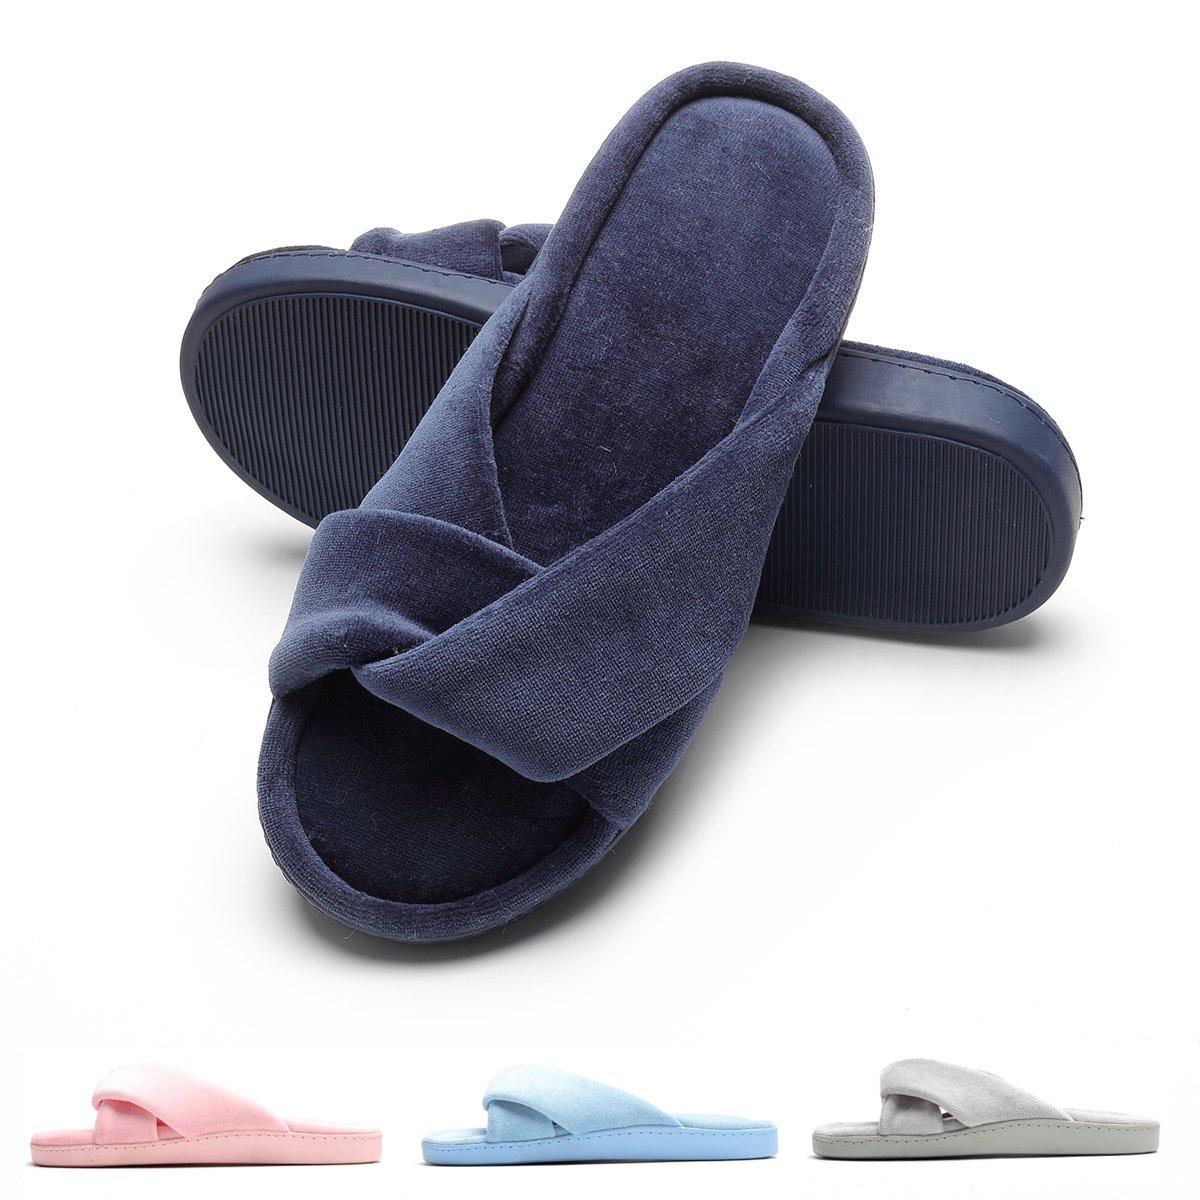 House Slippers for Women Slide Slip on Shoes Memory Foam Anti-Slip Sole Navy Blue L